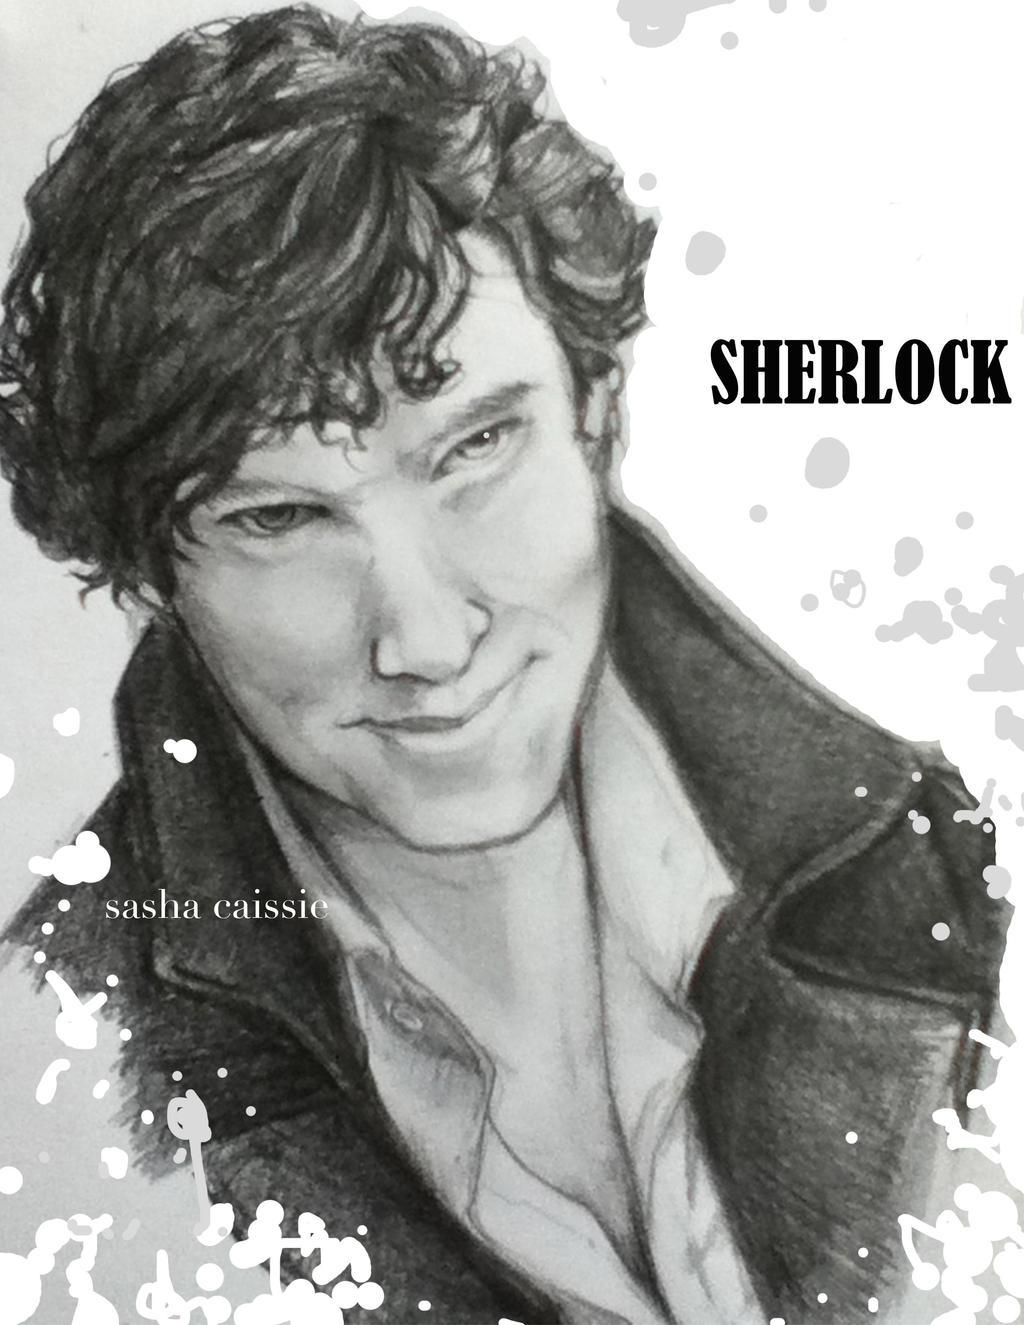 Sherlock by sashark8703